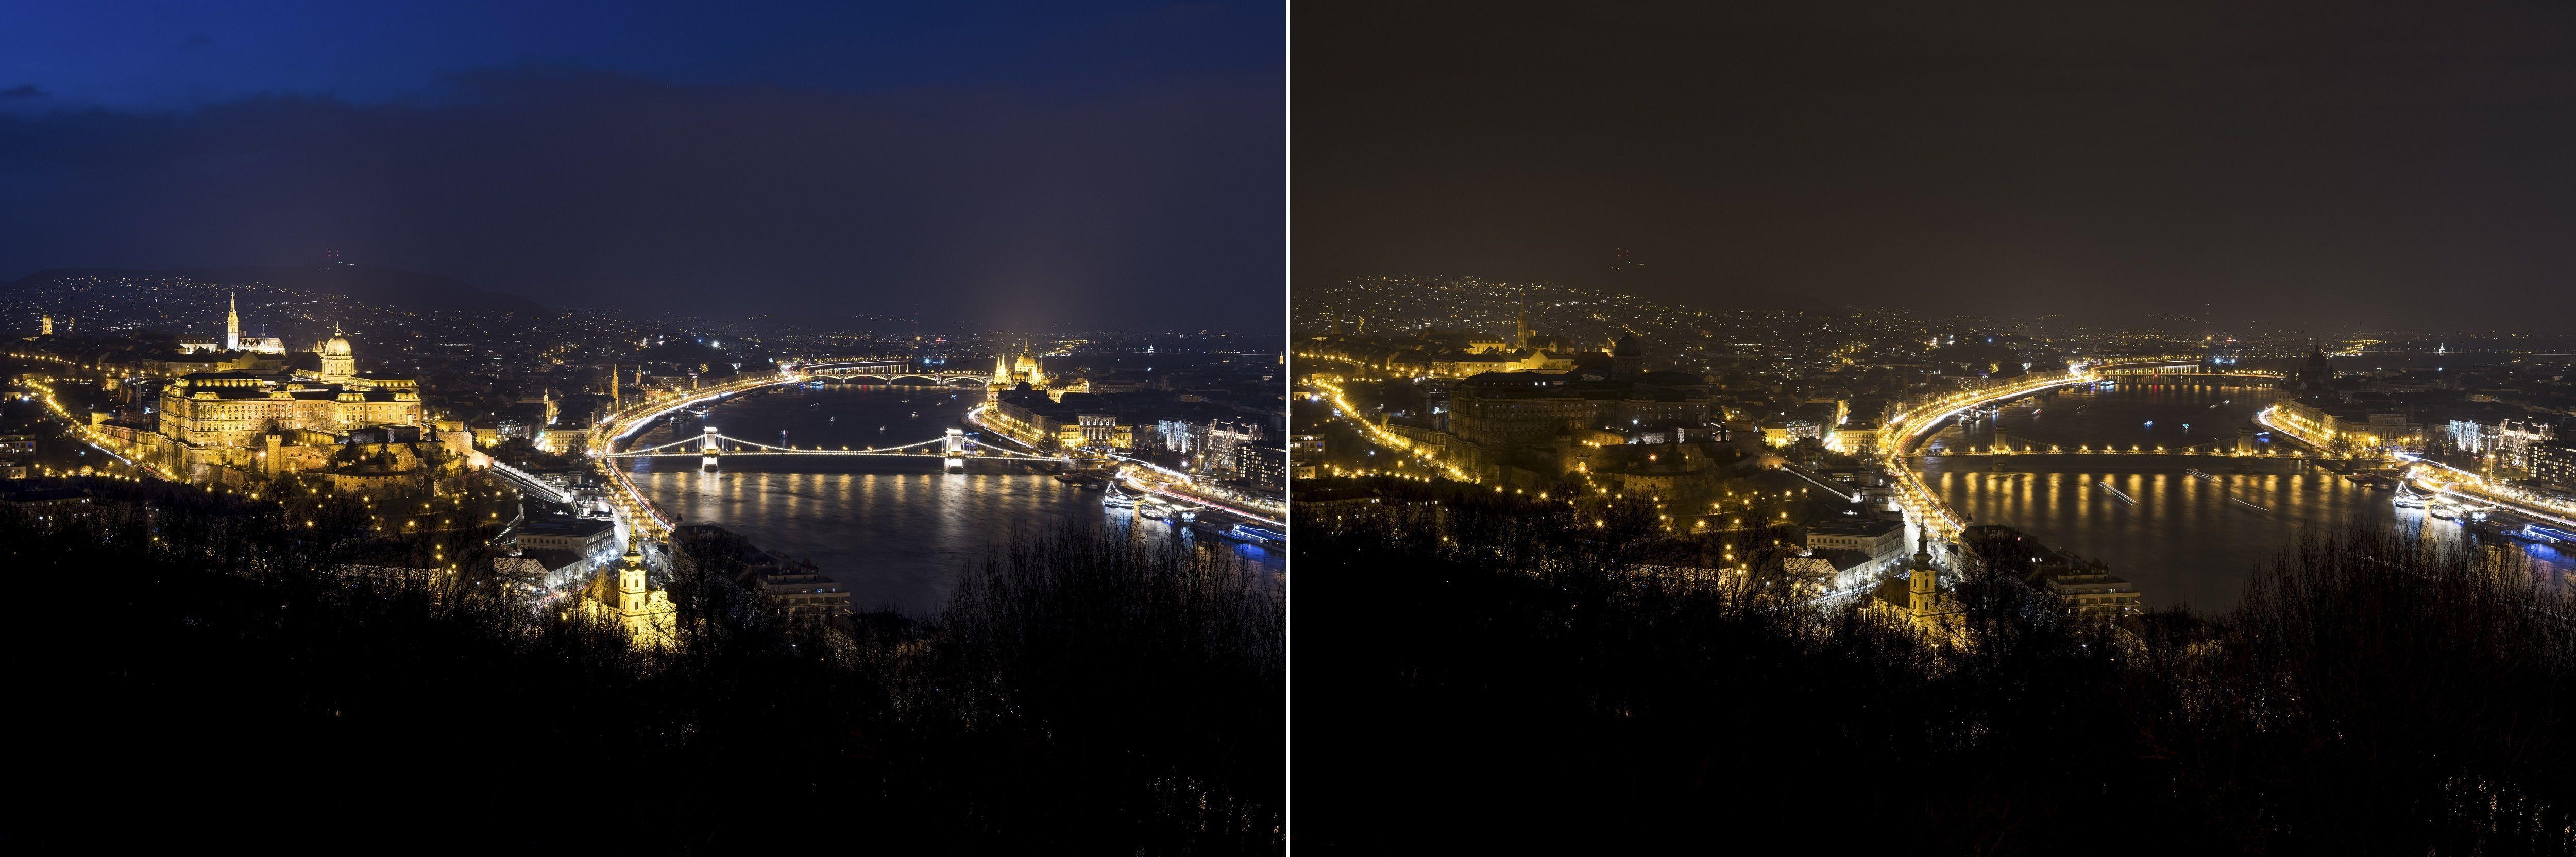 Budapest, 2018. március 24. Kombóképen Budapest a Föld órája elnevezésû akció elõtt kivilágítva (balra), és az akció idején, kivilágítatlanul 2018. március 24-én este. A Természetvédelmi Világalap (WWF) kezdeményezésére a 2007-ben indult világméretû akcióban részt vevõ városokban március utolsó szombatján este fél kilenc és fél tíz között egy órára lekapcsolják a világítást, hogy felhívják a figyelmet a Földet fenyegetõ éghajlatváltozás veszélyeire. MTI Fotó: Mónus Márton